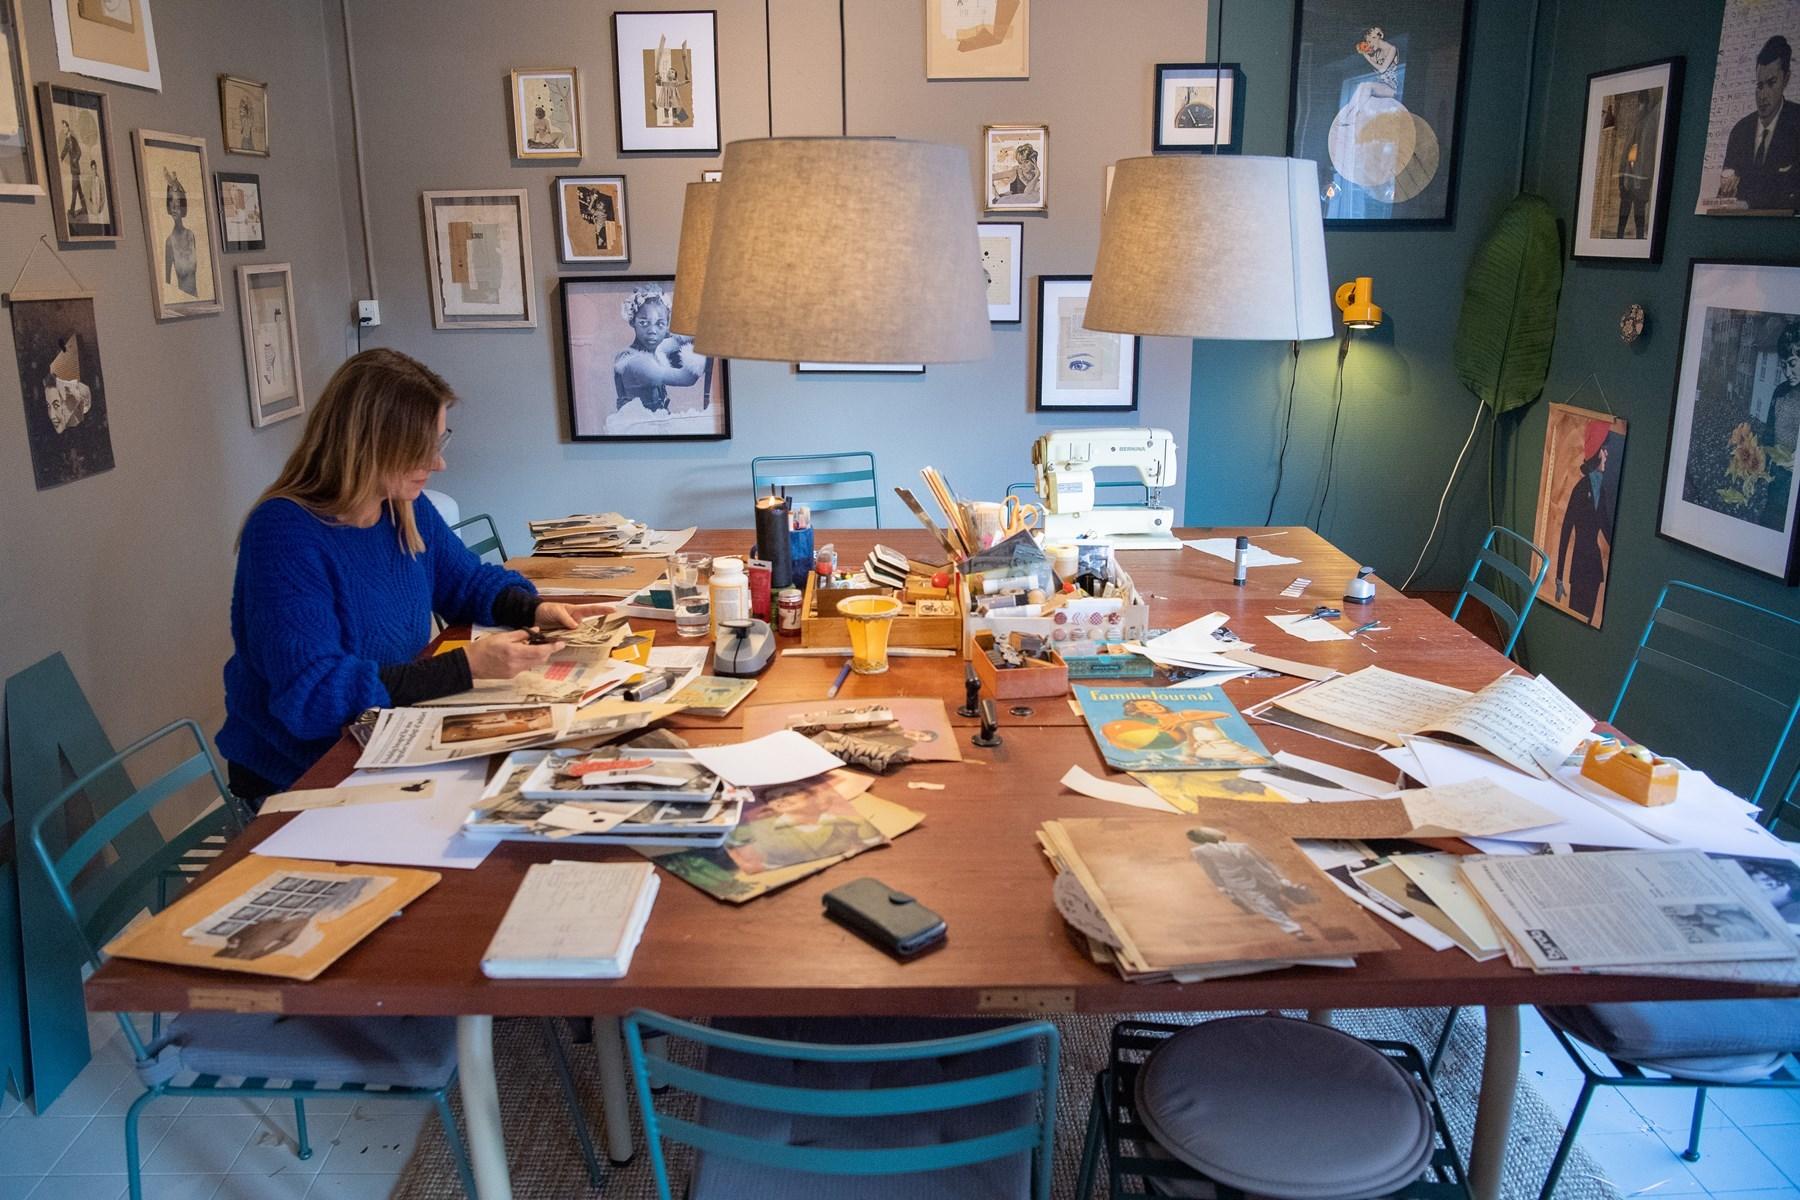 Gitte Lacarriere holder ofte workshops, hvor man selv kan komme og slippe kreativiteten løs. Foto: Kim Dahl